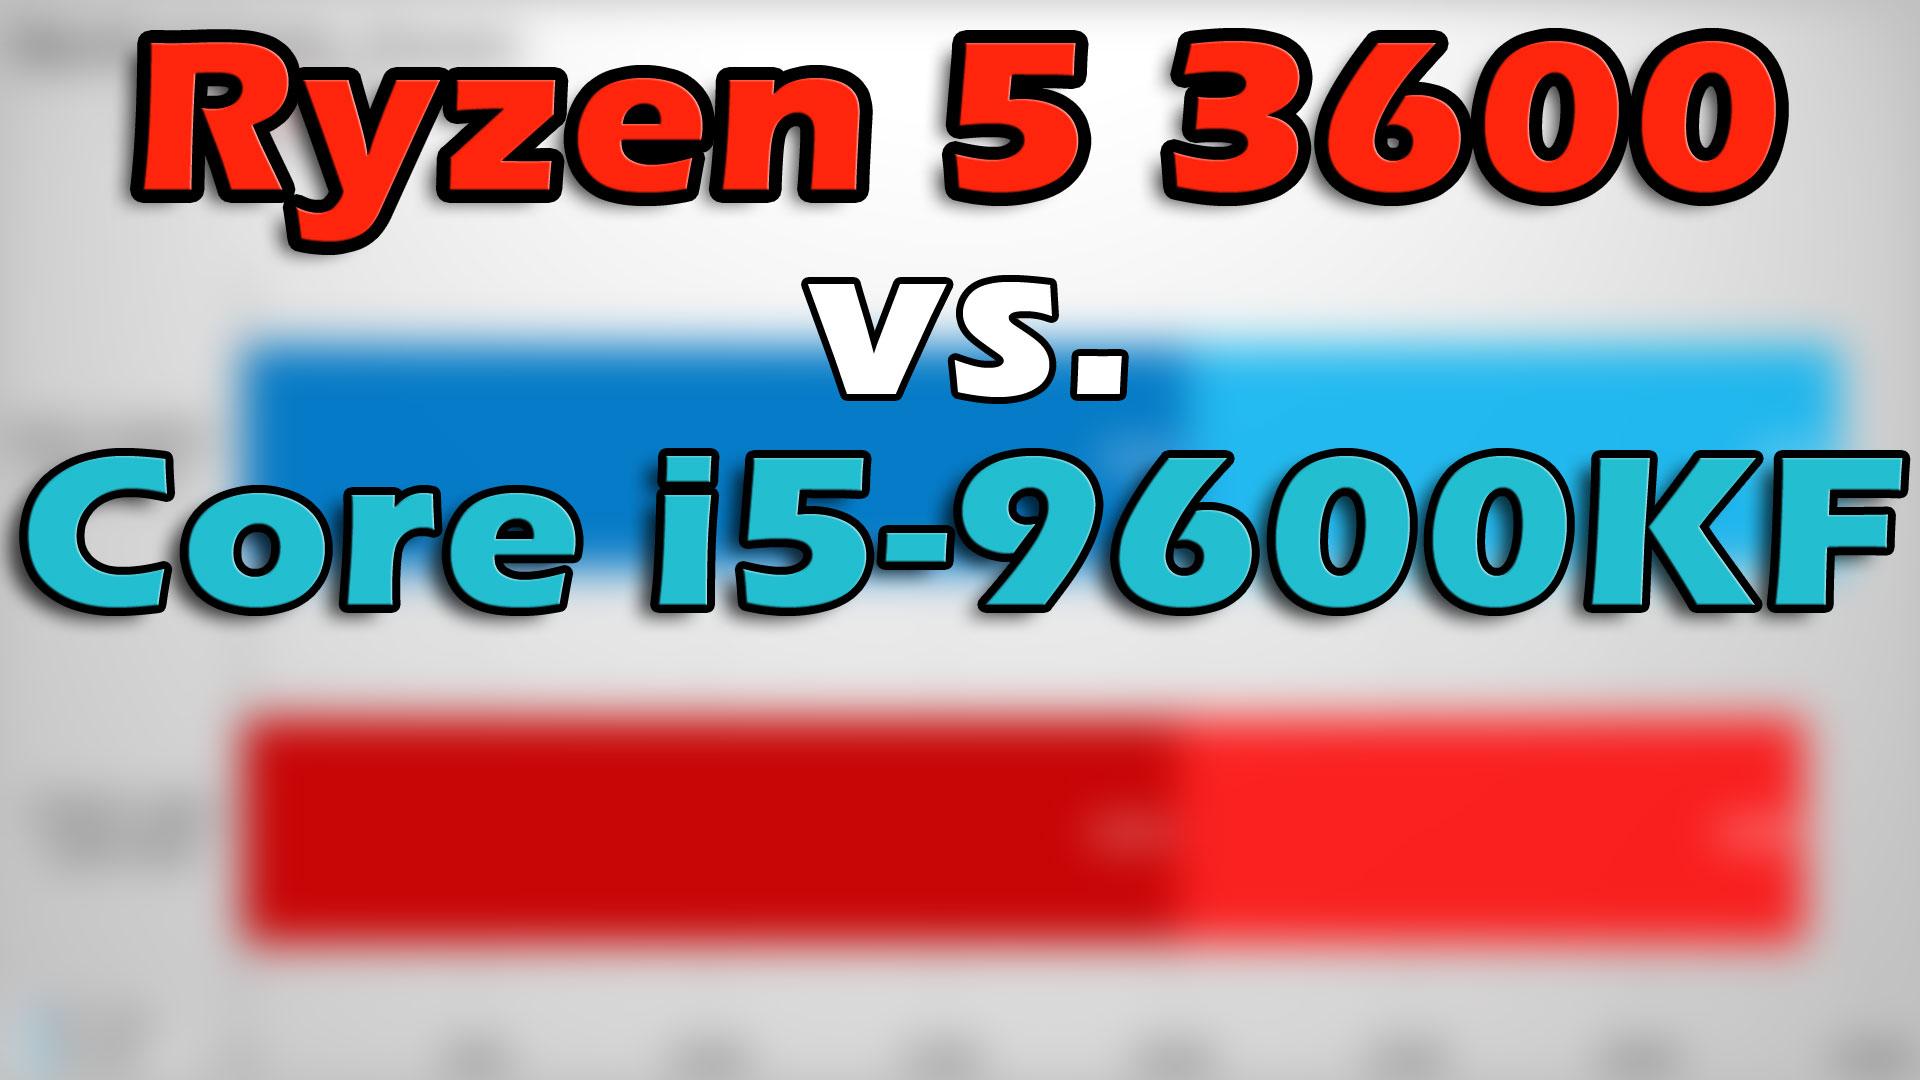 Ryzen 5 3600 vs. i5-9600KF